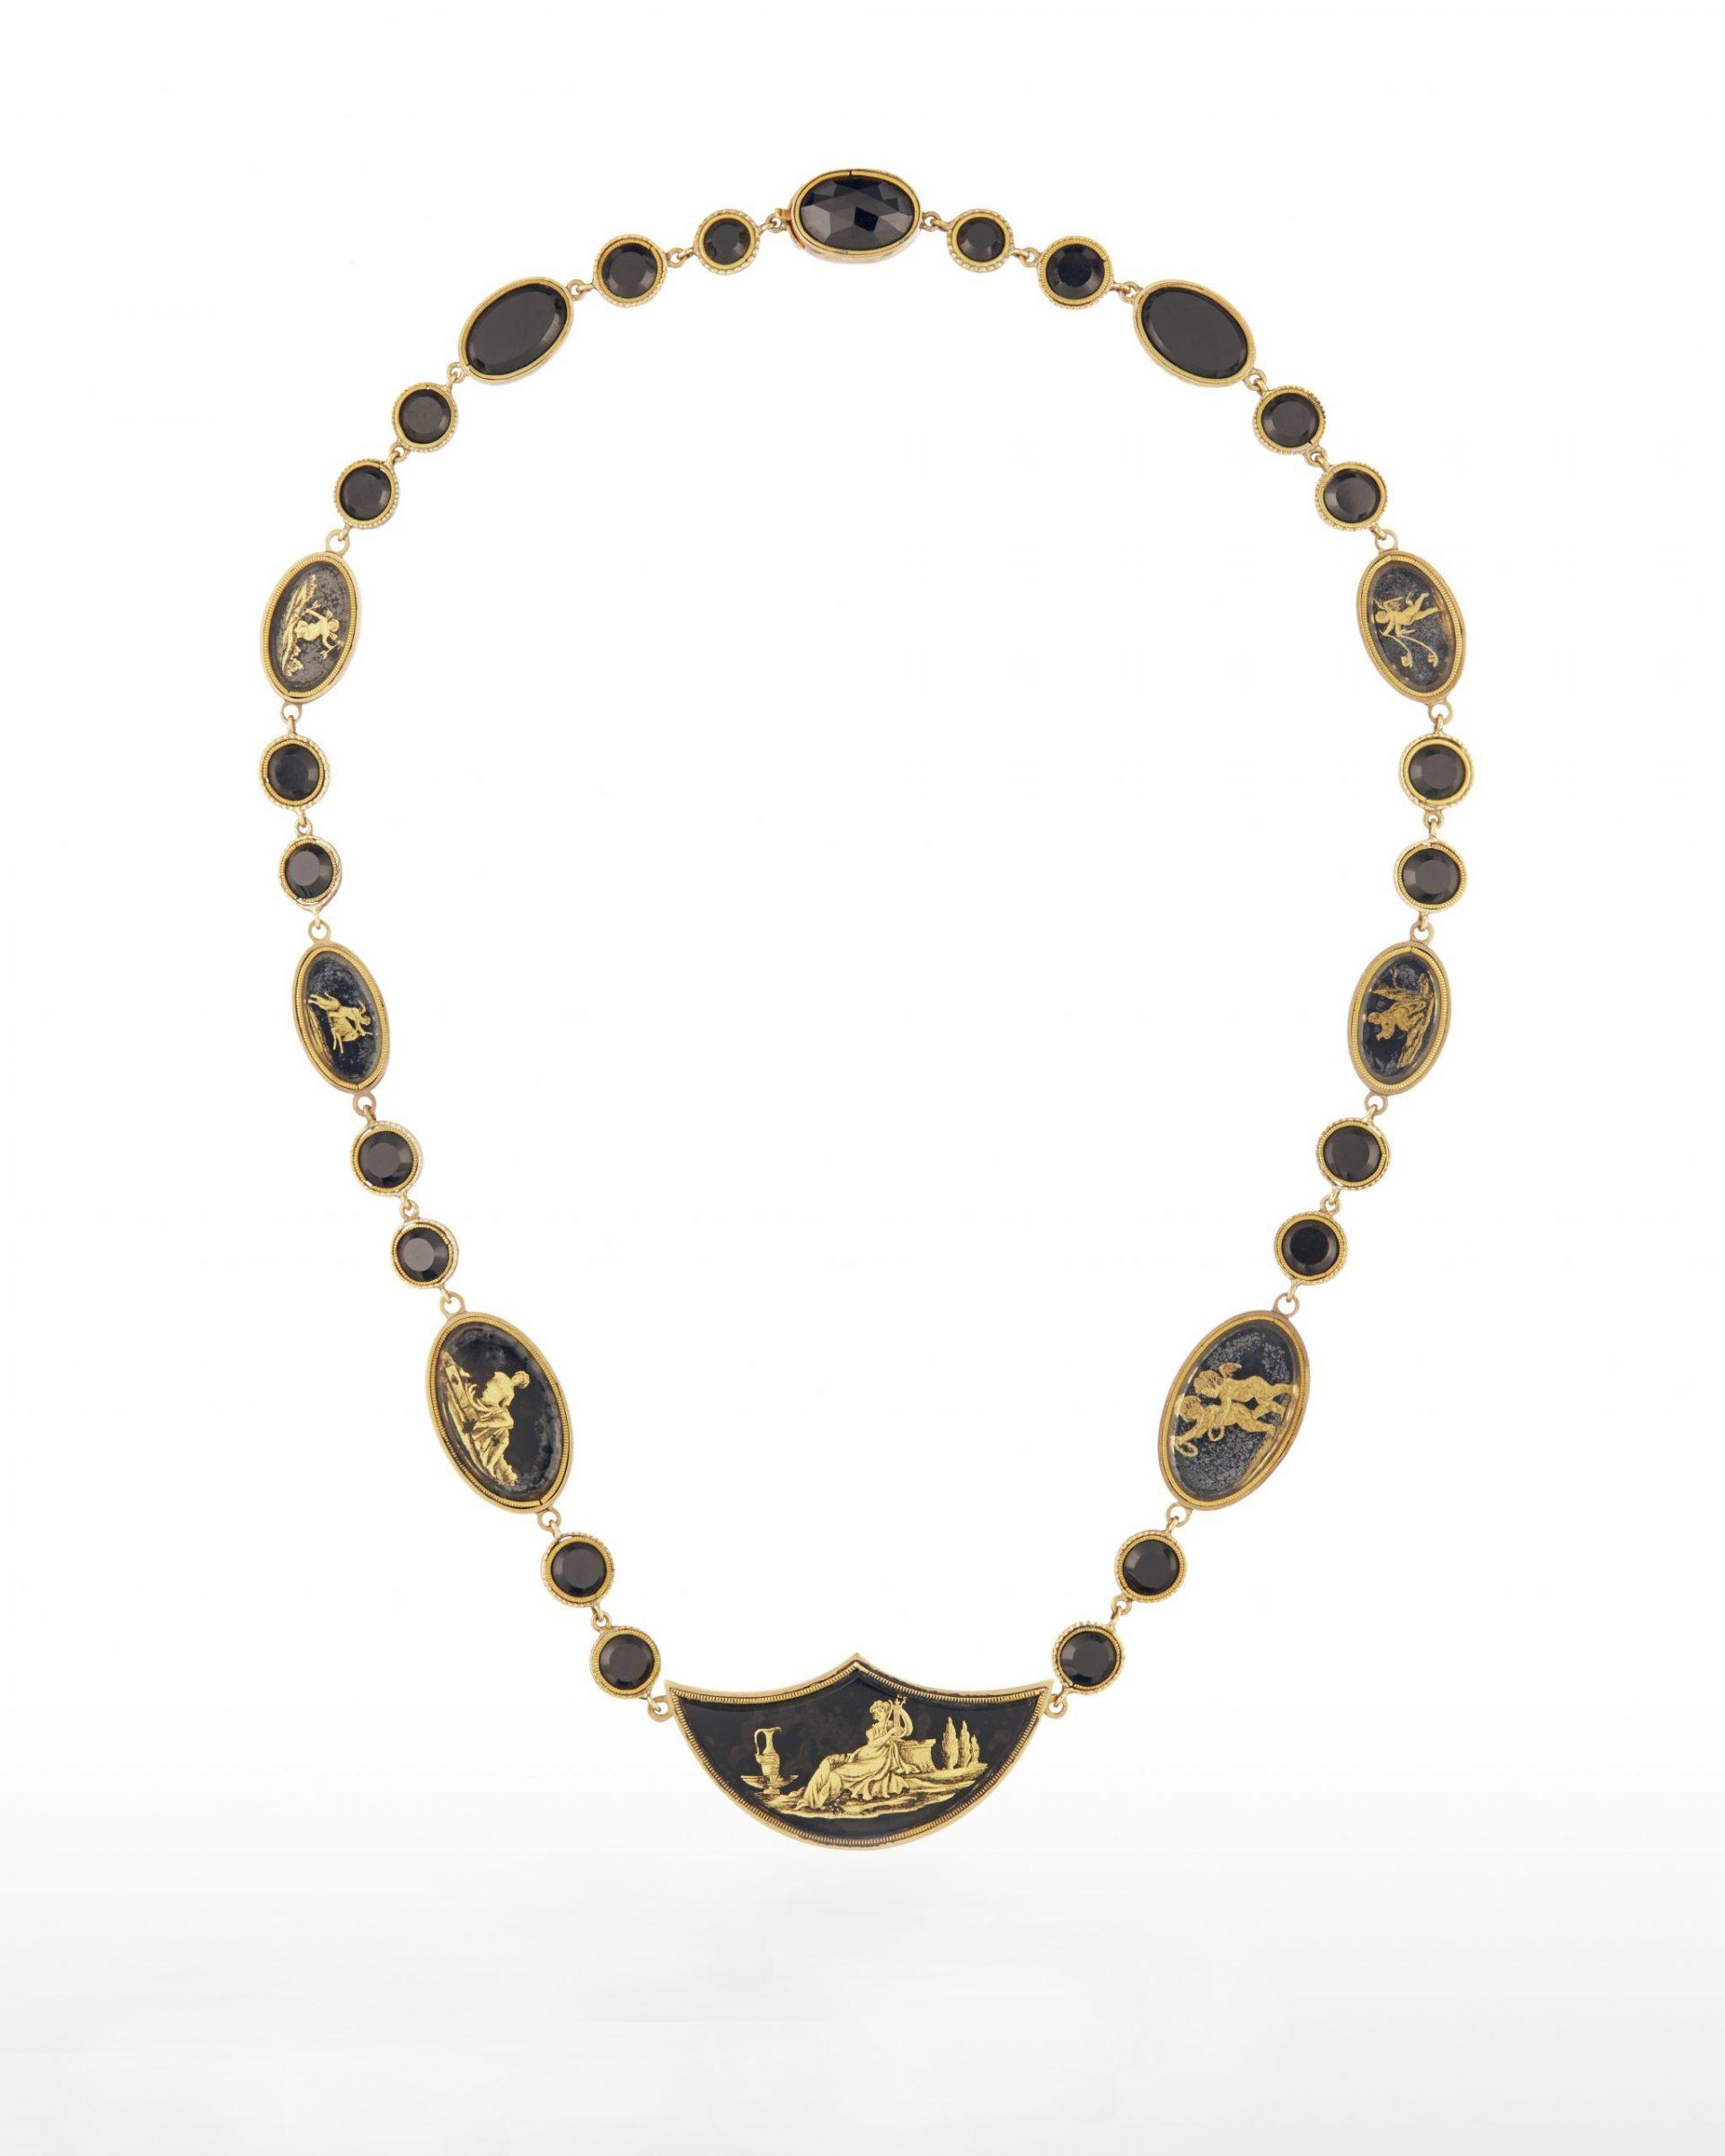 Halsband av flera sammanfogade medaljonger.